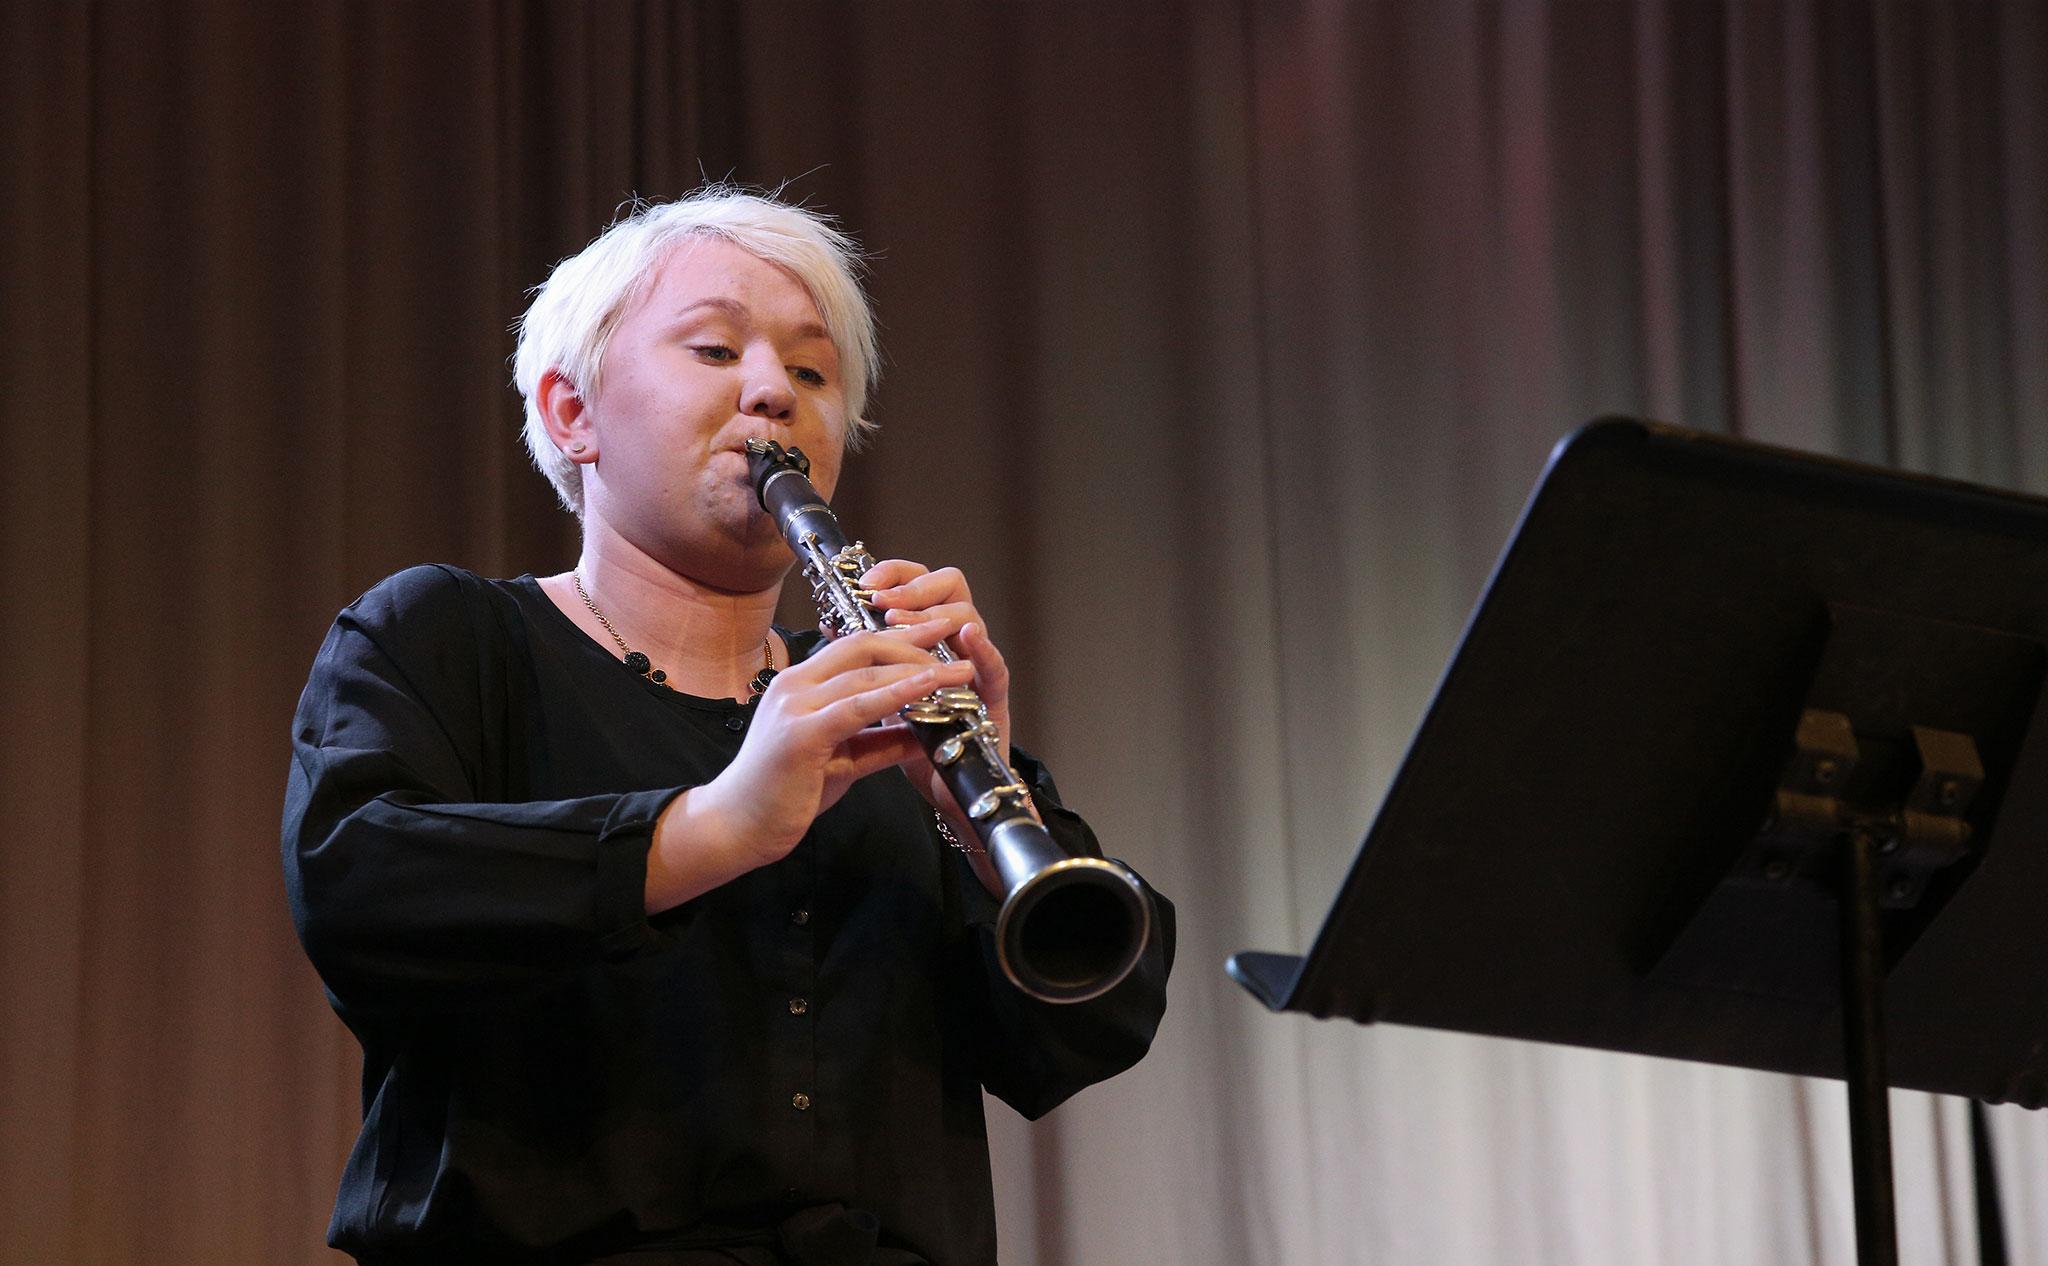 En deltagare som spelar klarinett.